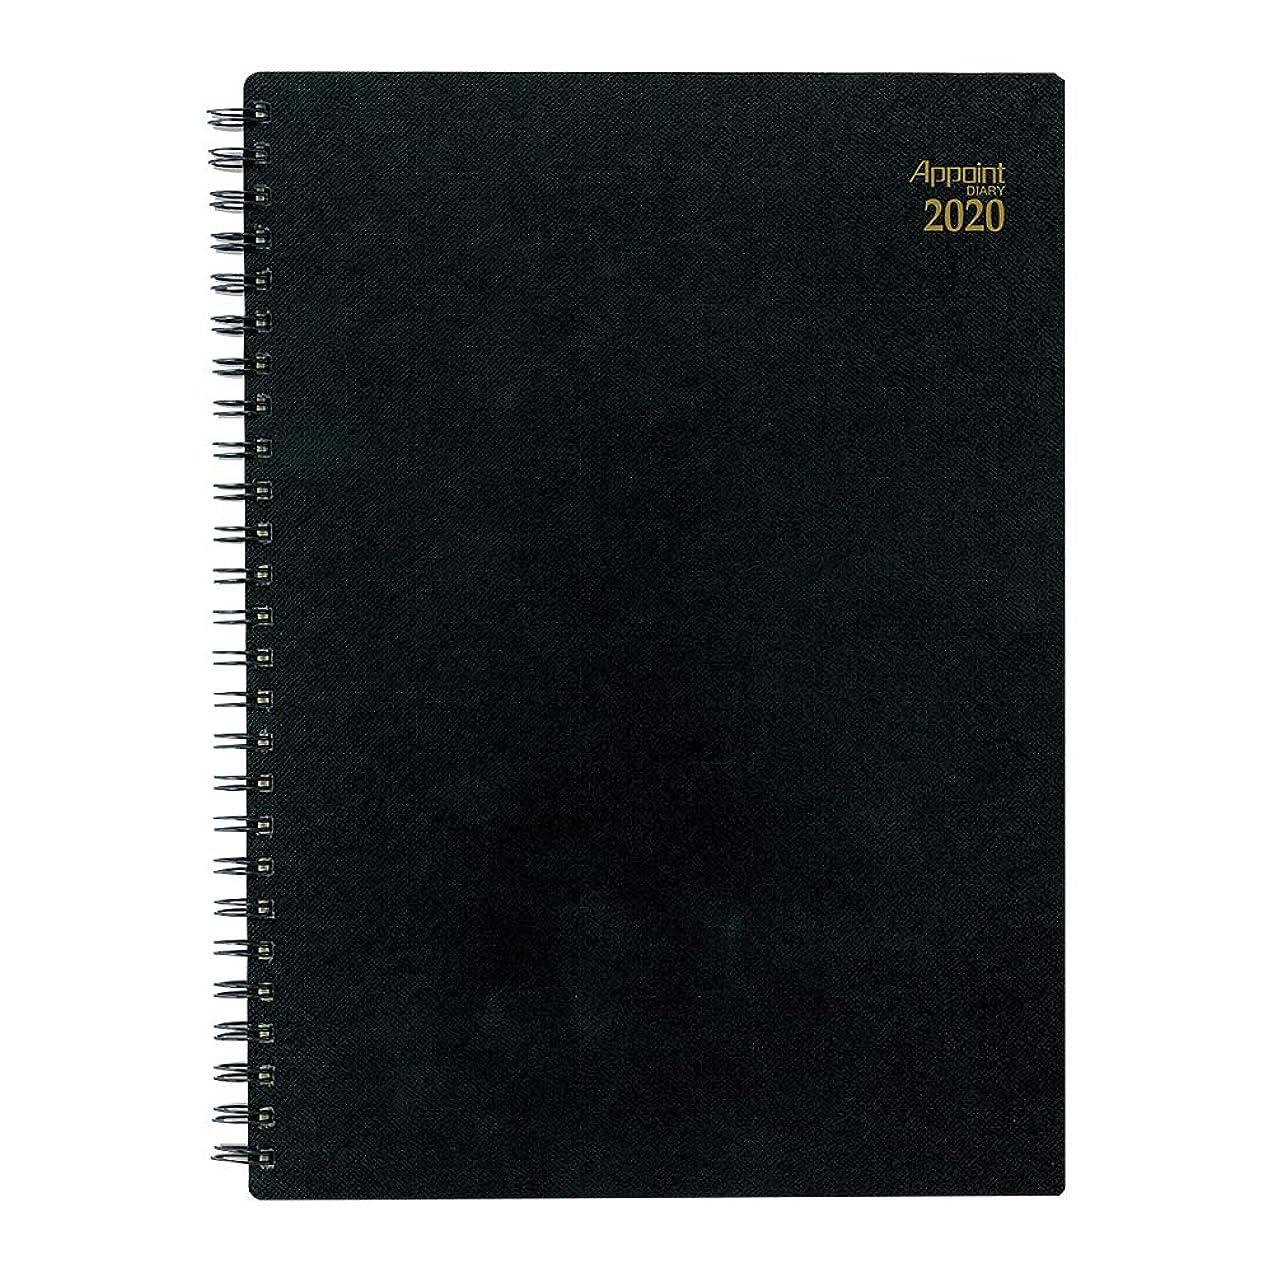 グリットテクトニック汚れるダイゴー 手帳 2020年 アポイント B5 マンスリー ウィークリー リングタイプ 黒 E1048 2019年 12月始まり